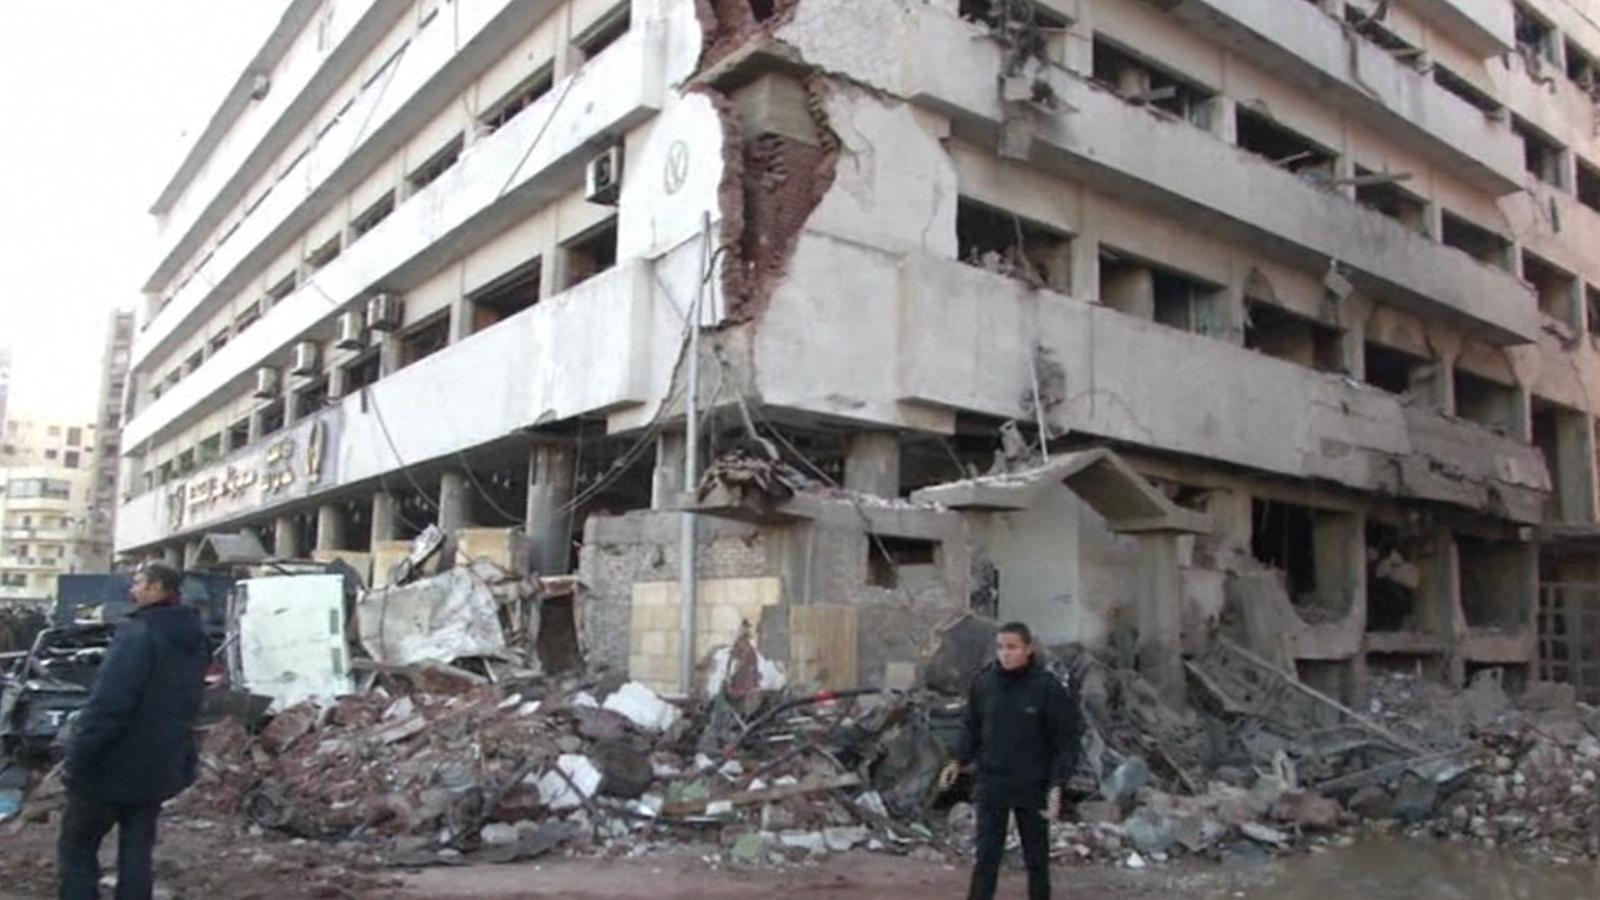 Atemptat amb cotxe bomba a Egipte: almenys 14 morts